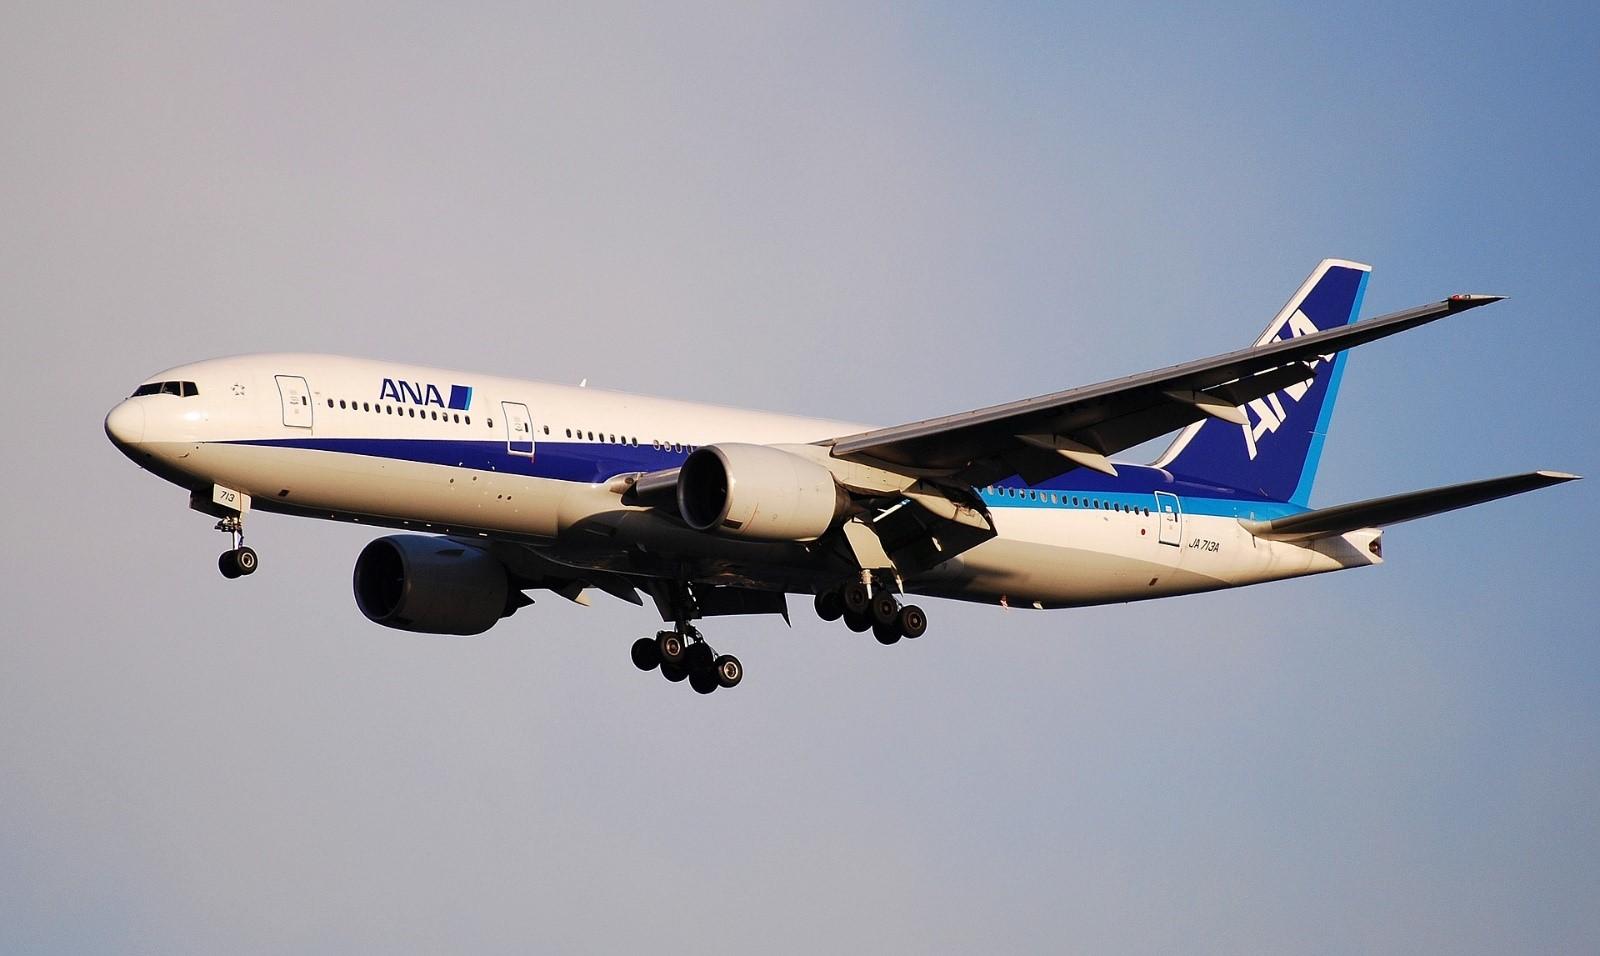 セントレアから運航している航空会社